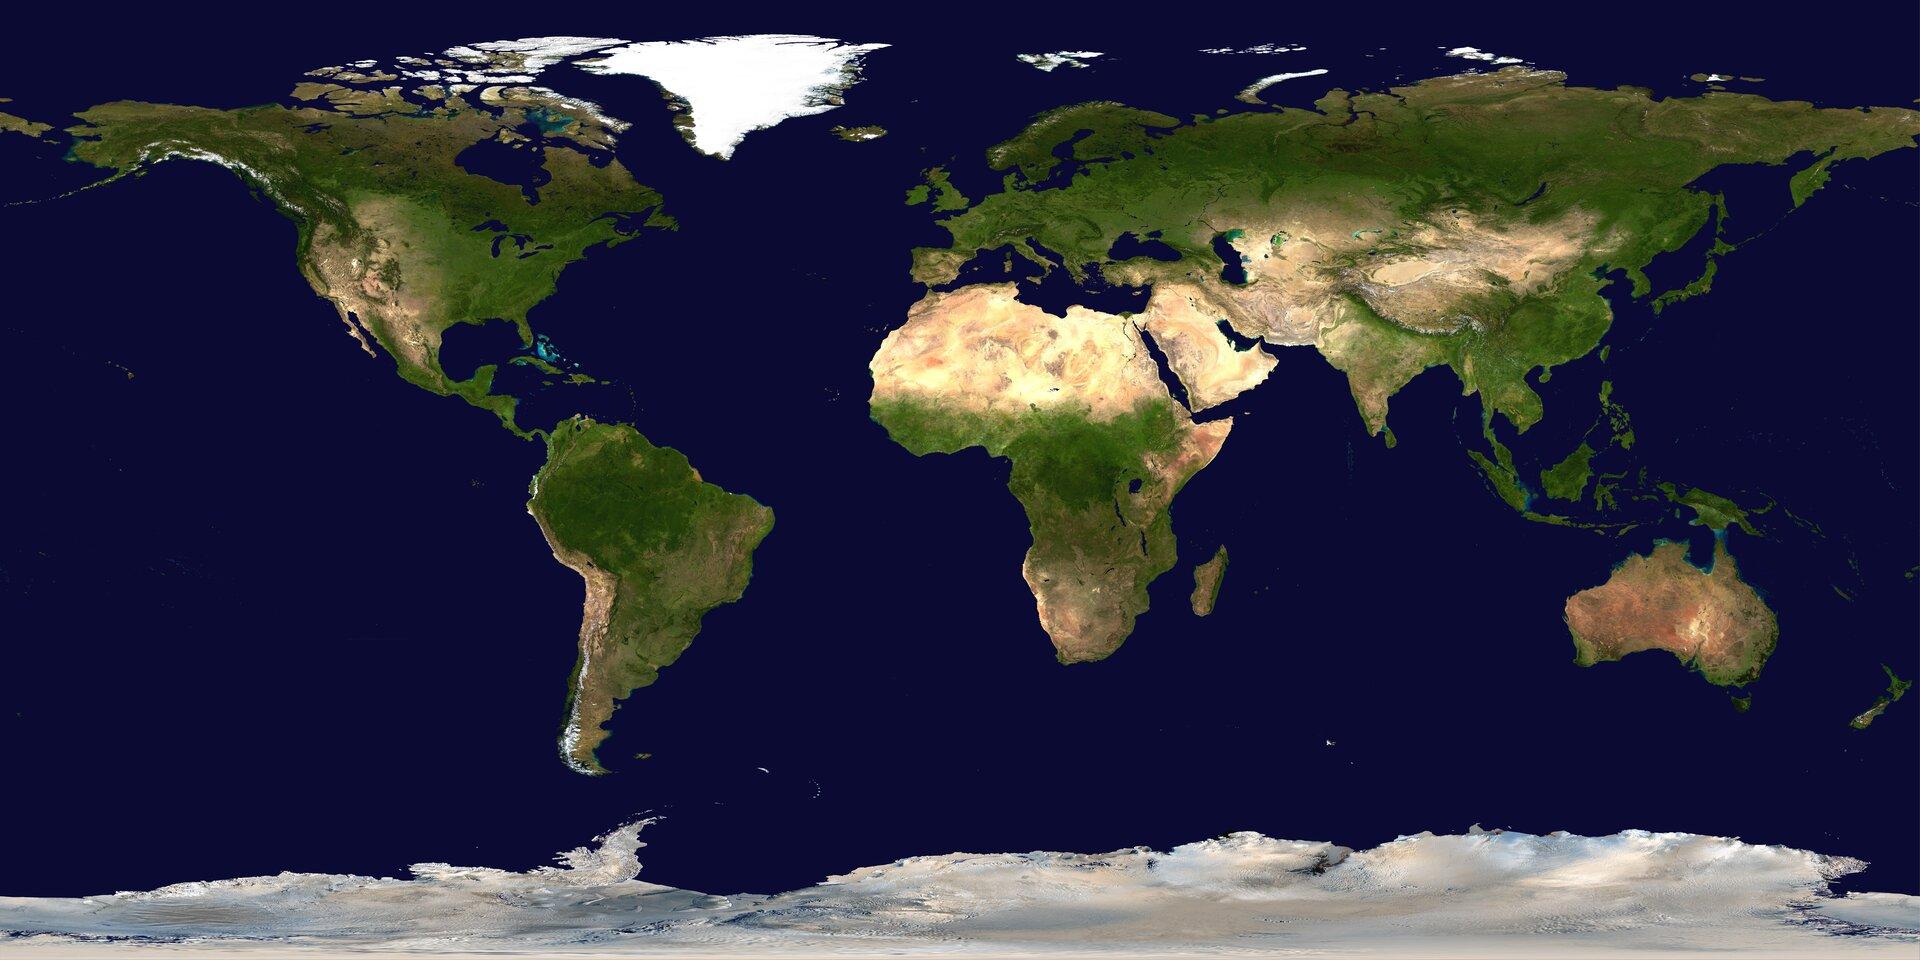 Na zdjęciu mapa świata powstała zpołączenia zdjęć satelitarnych powierzchni Ziemi. Wody granatowe, na lądach tereny zielone ipiaszczyste. Obszary na północy ipołudniu białe iszare – pokrywa śnieżna ilodowa.